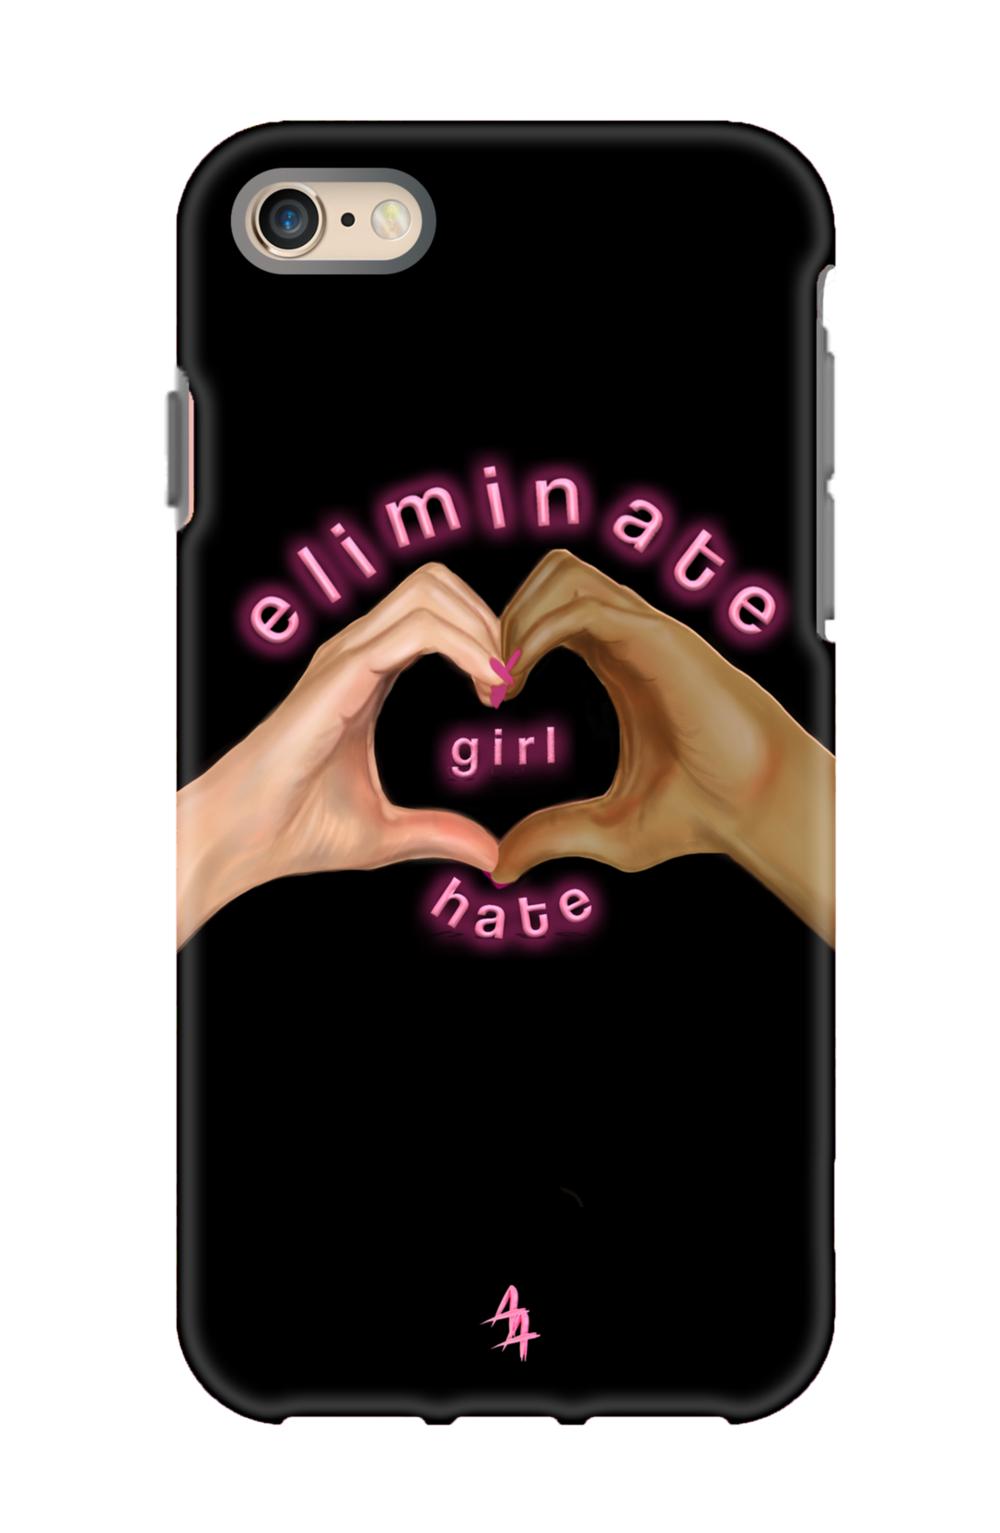 ELIMINATE GIRL HATE - £35.00 GBP